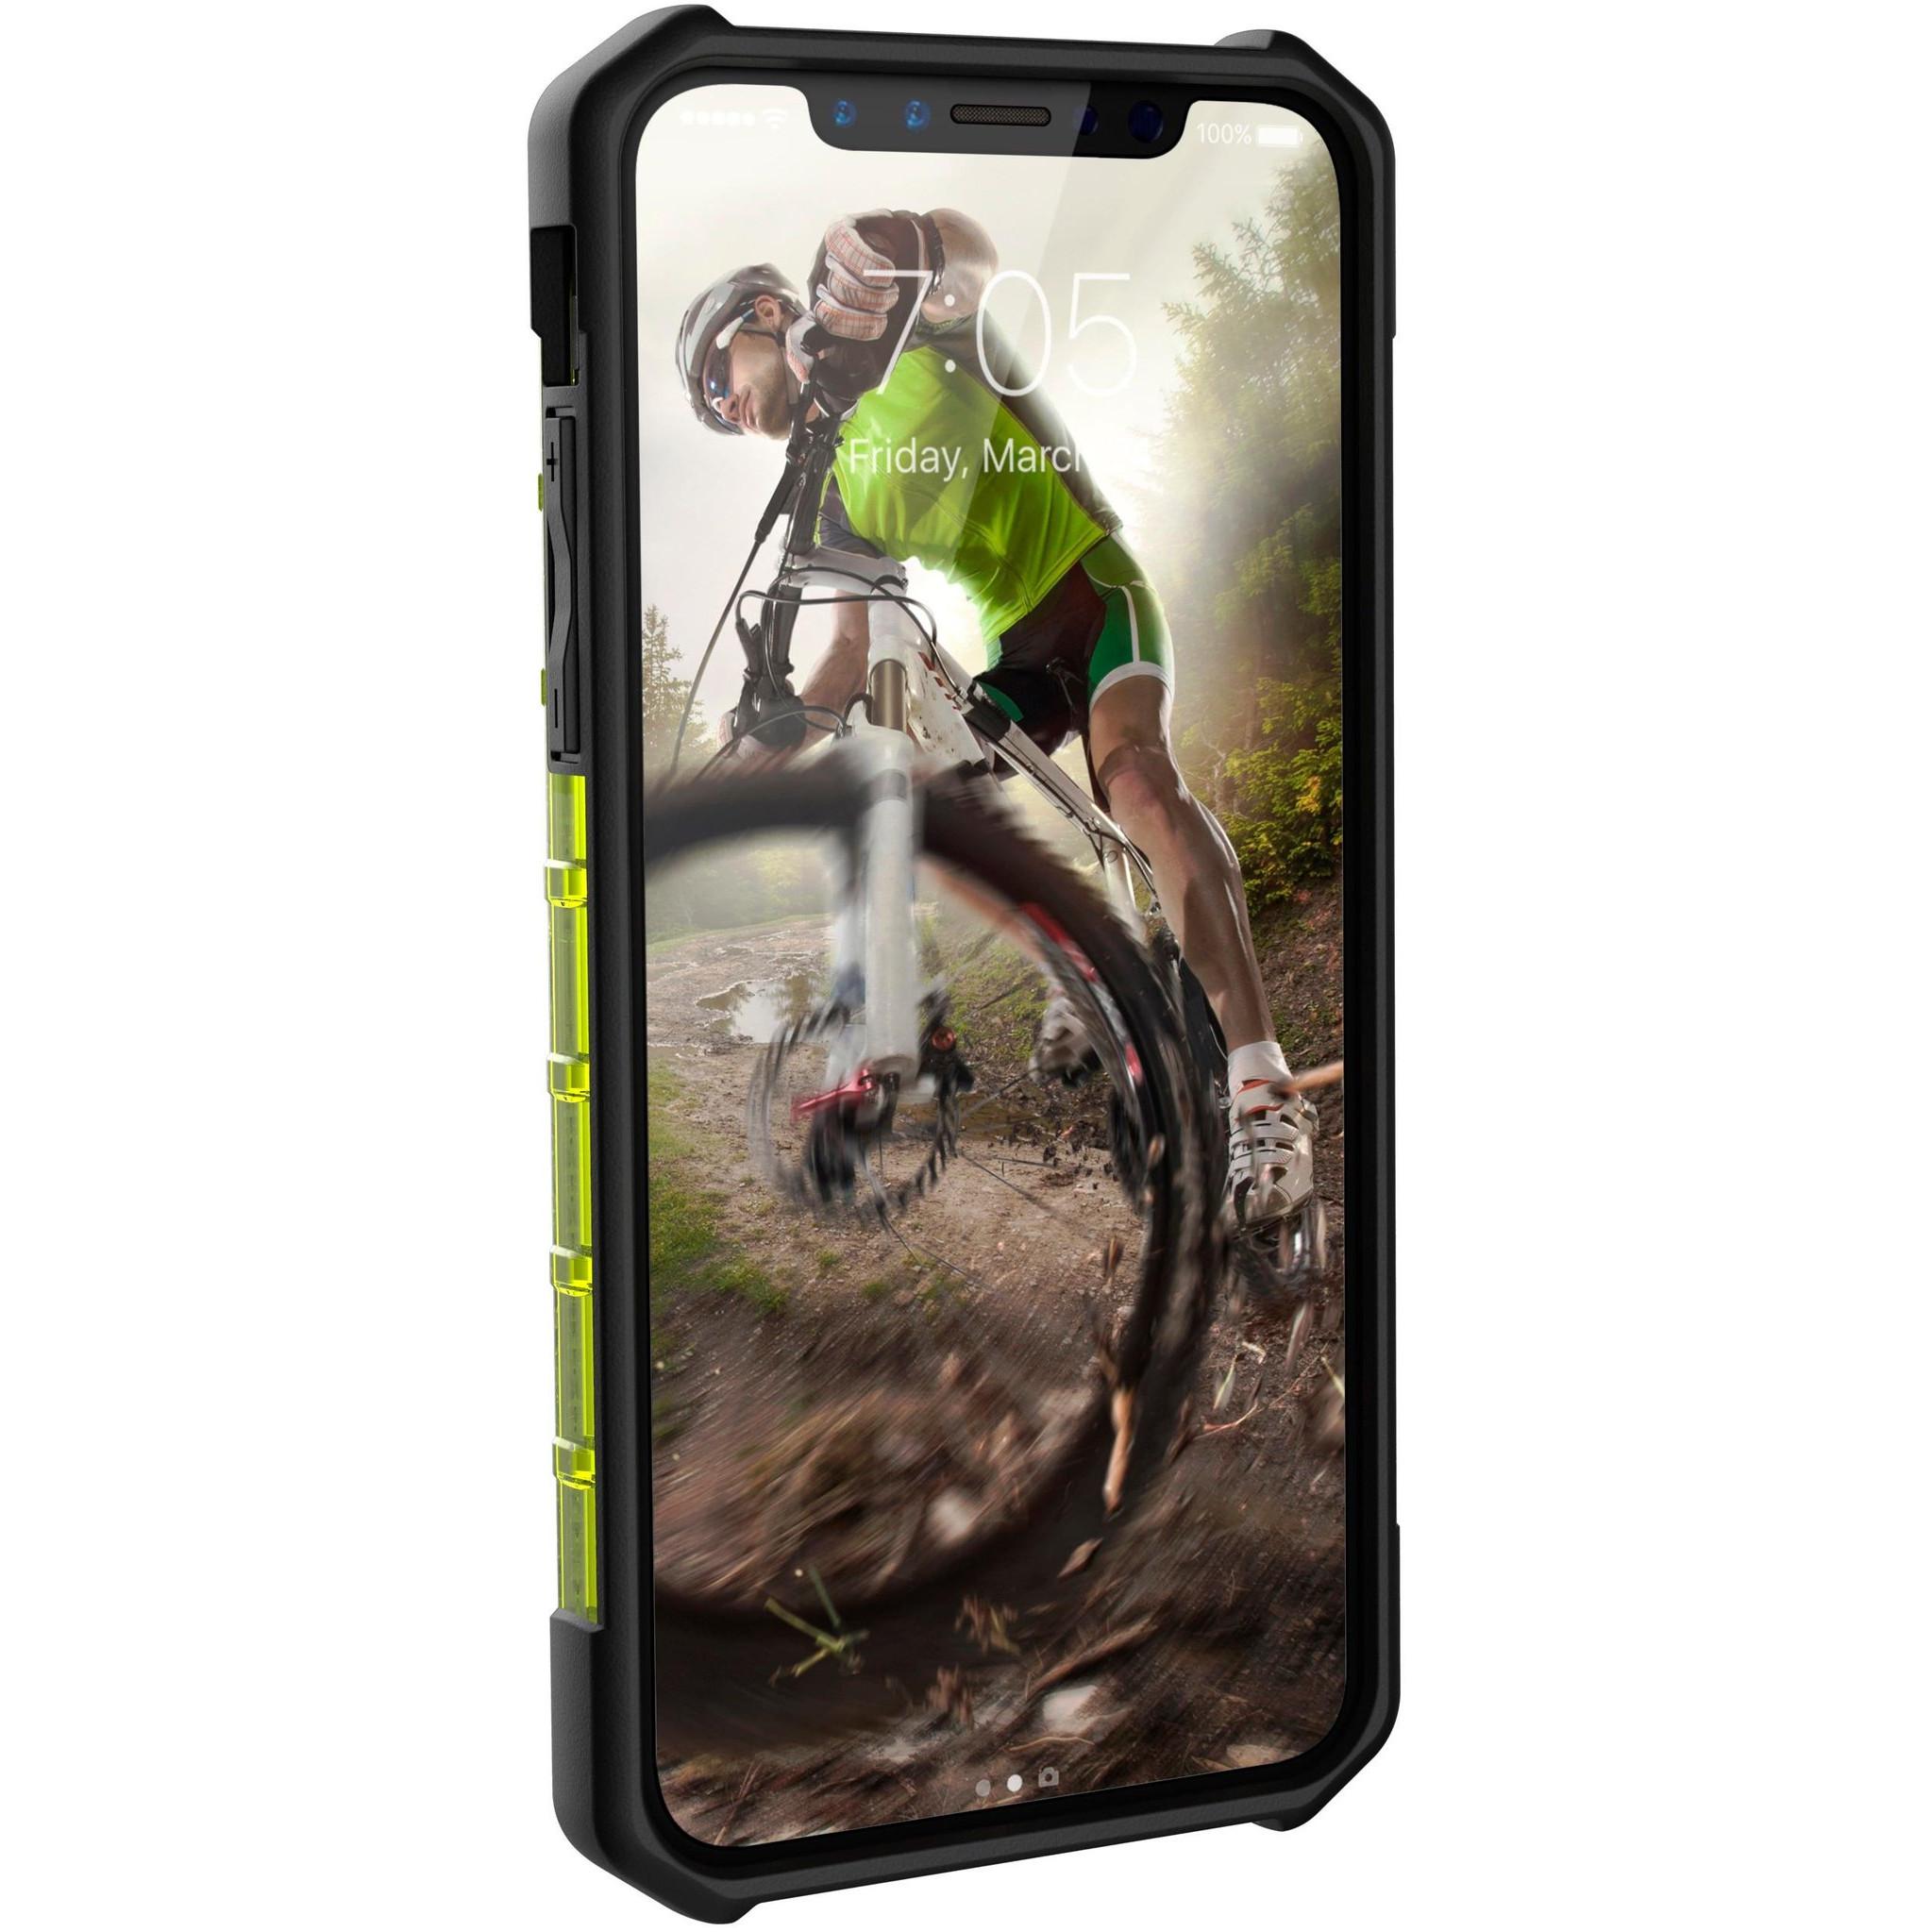 iPhone 8 batirá todos los récords de precio 31